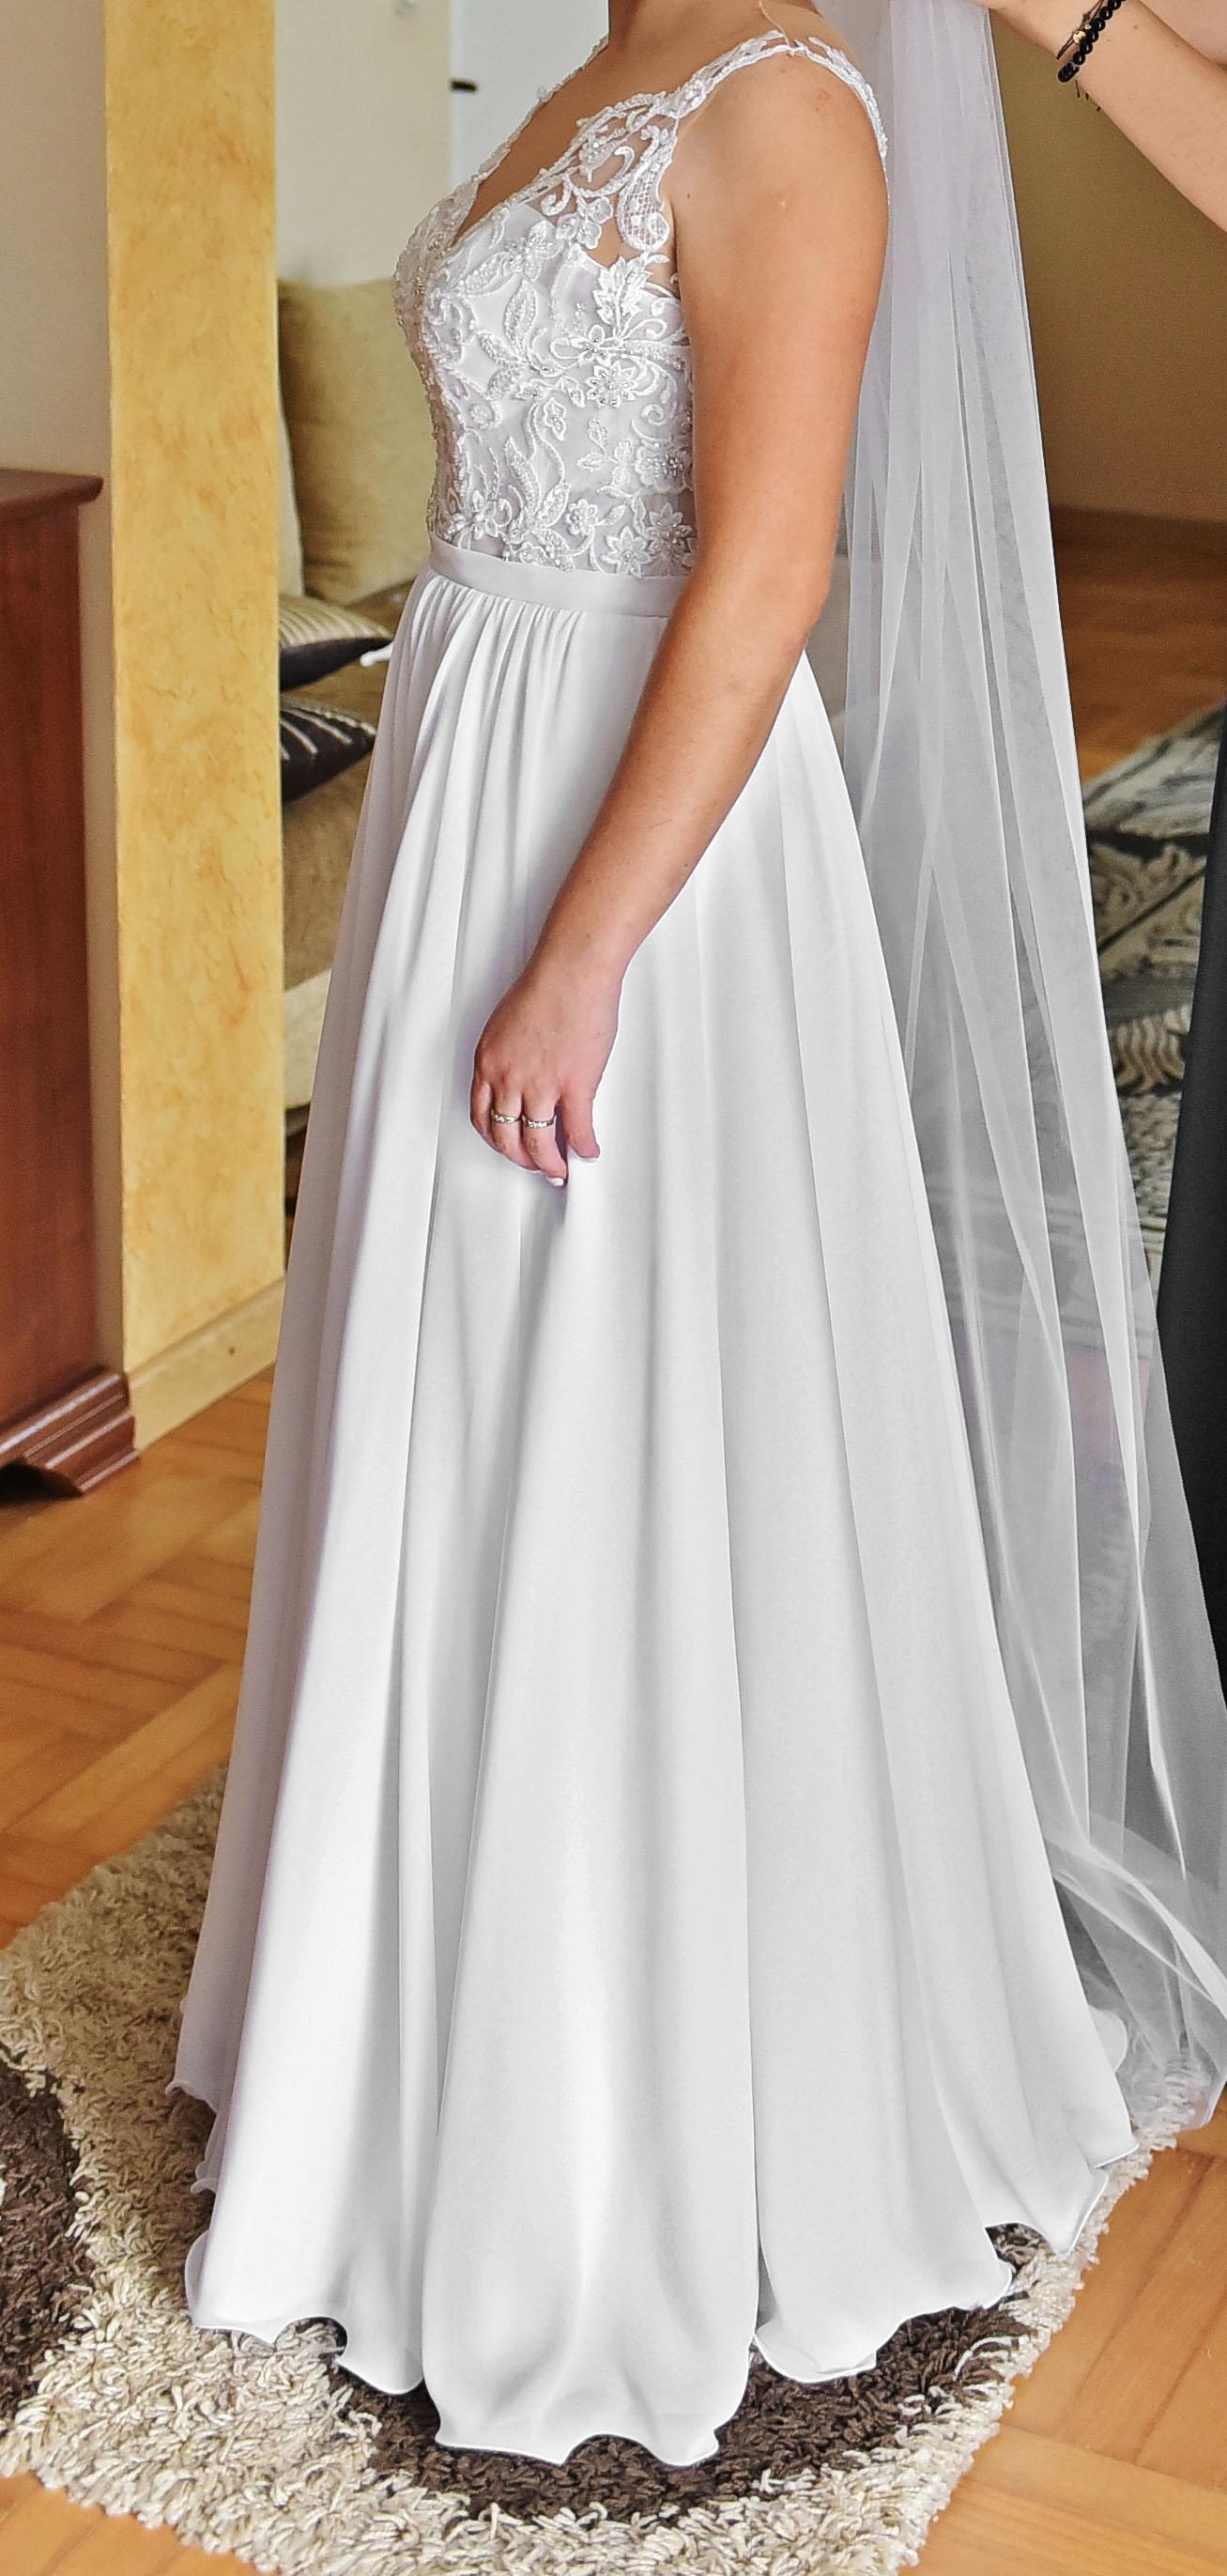 Sprzedam Suknię ślubną Model Fantazja Dydnia Komis ślubny Komis